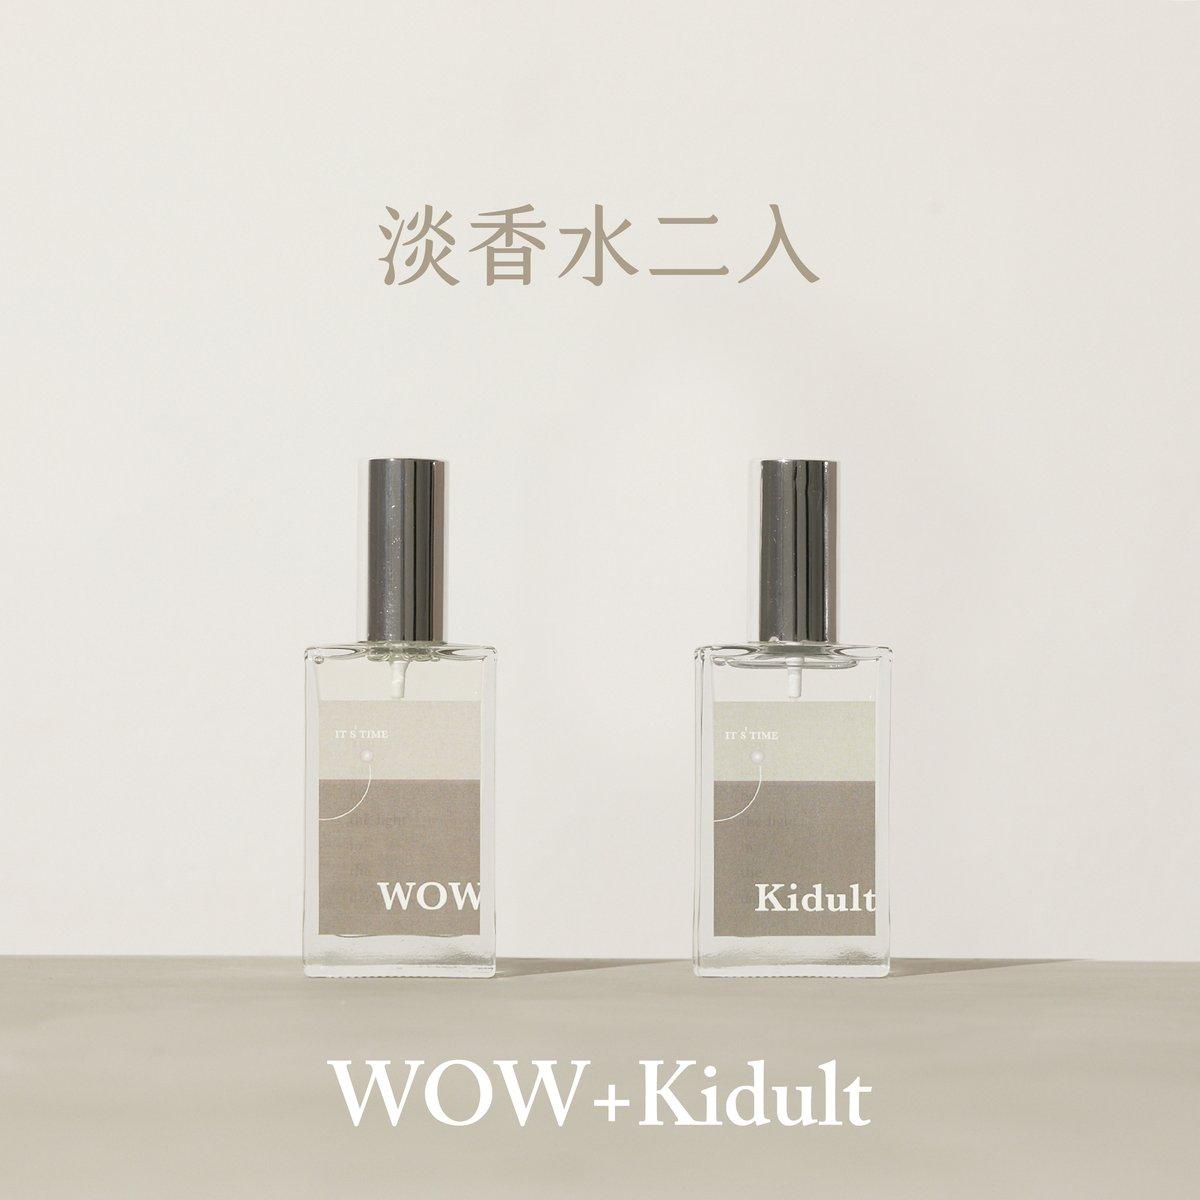 【完售倒數】IT'S TIME 來點香氛 - 淡香水成雙組